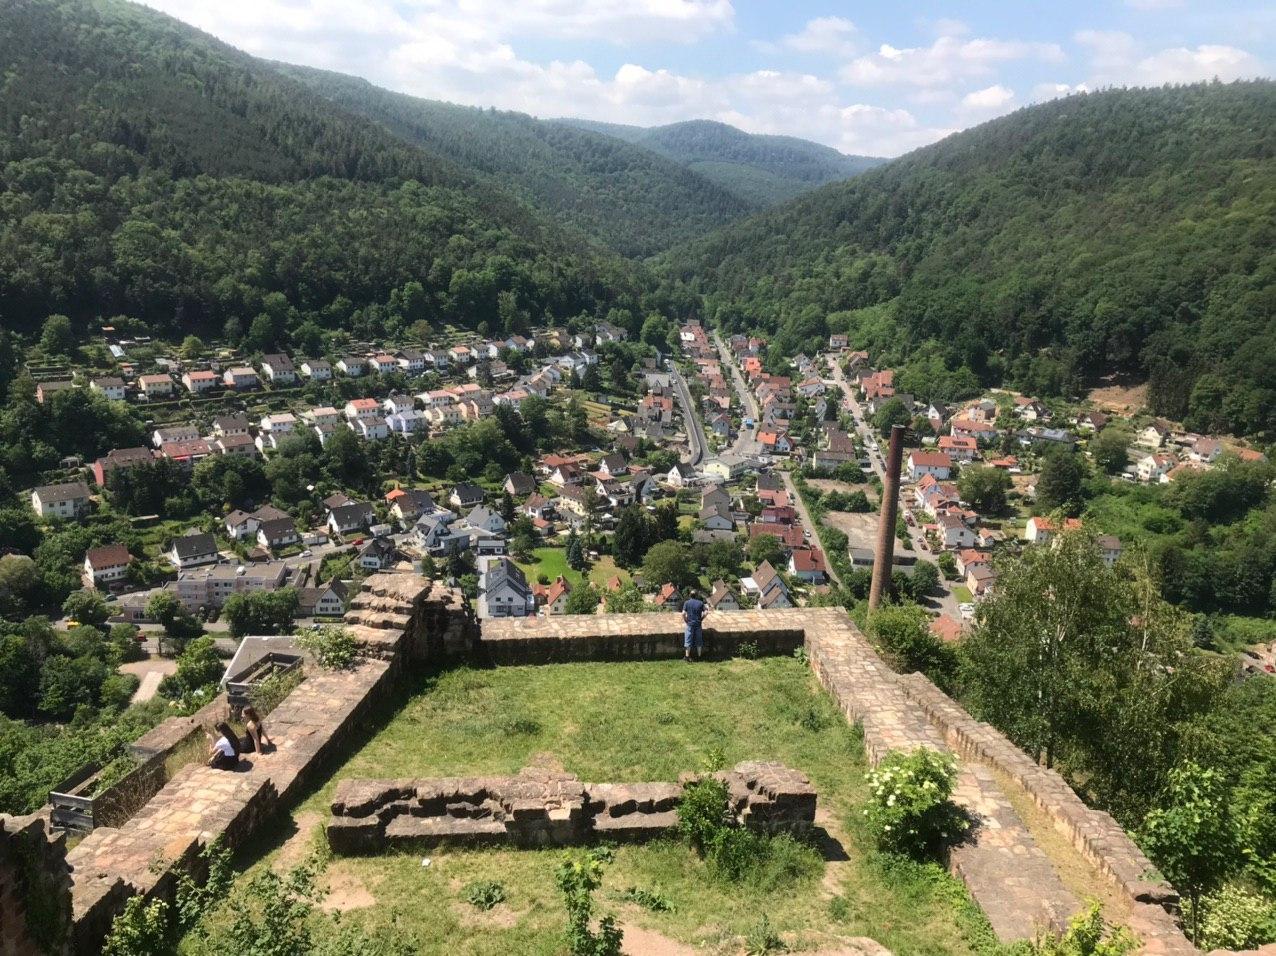 Типичный для юга Германии ландшафт. Север более плоский и домики кирпичные